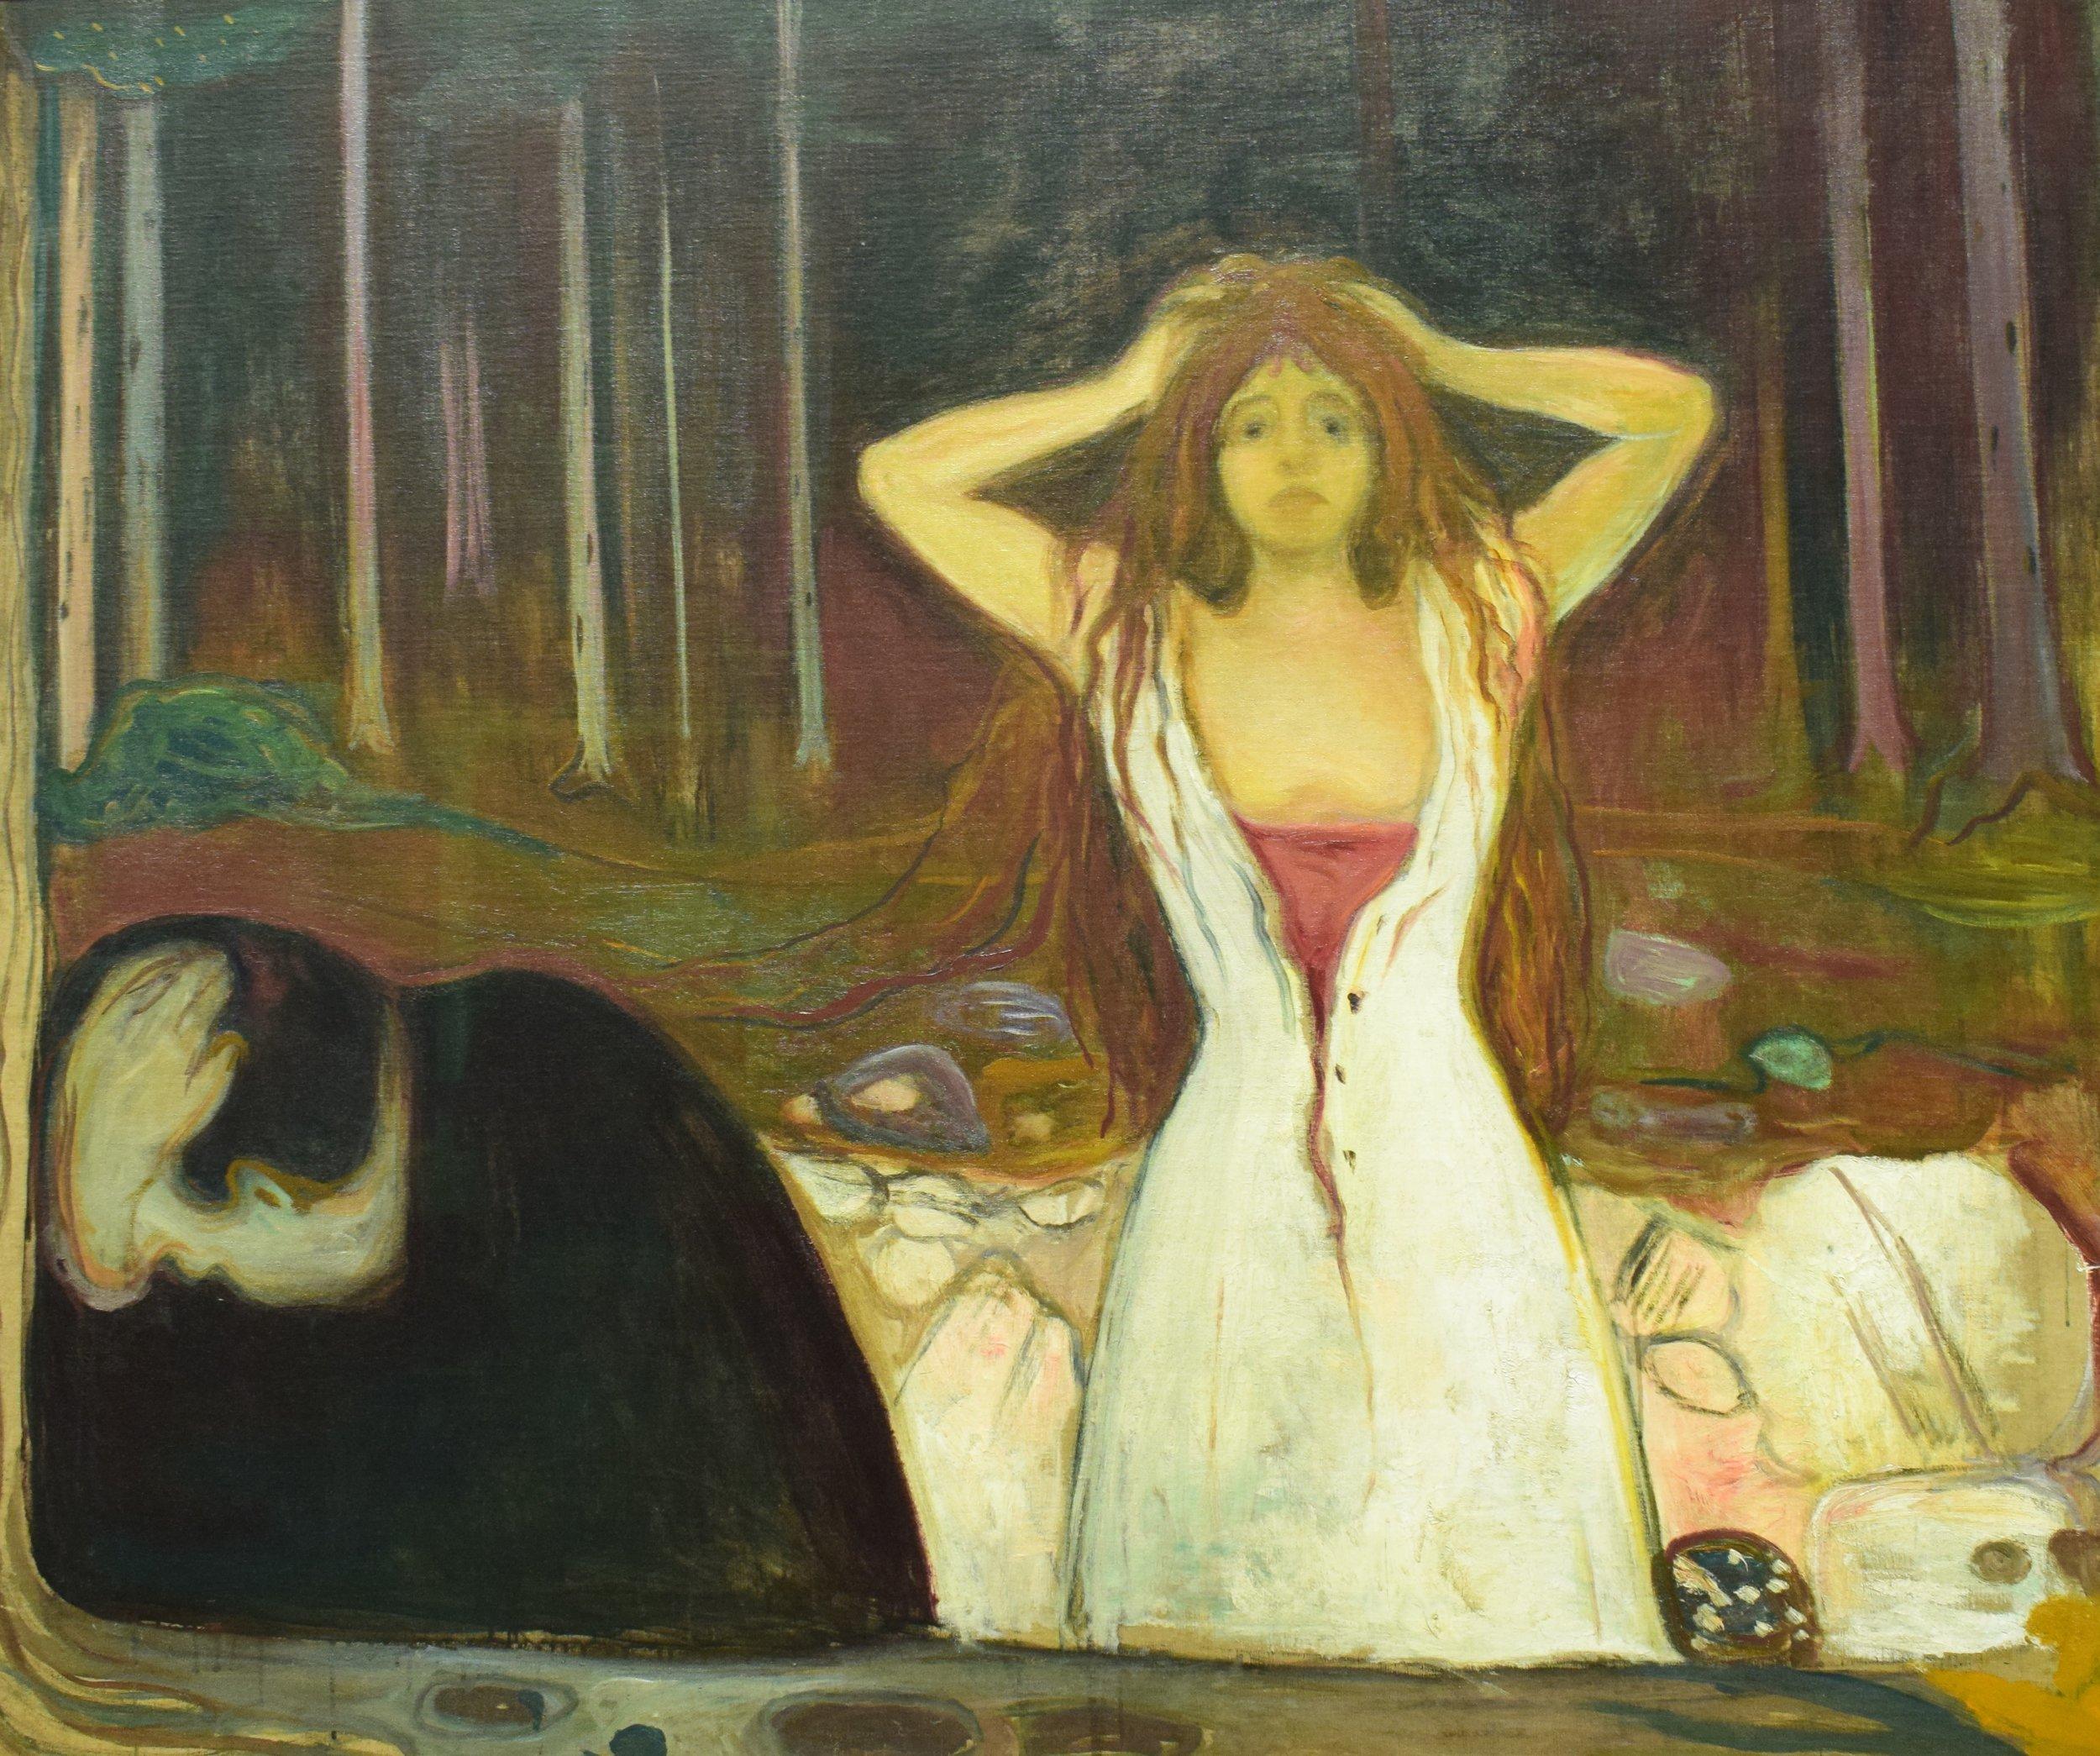 Edvard Munch, Ashes, 1894, Nasjonalmuseet